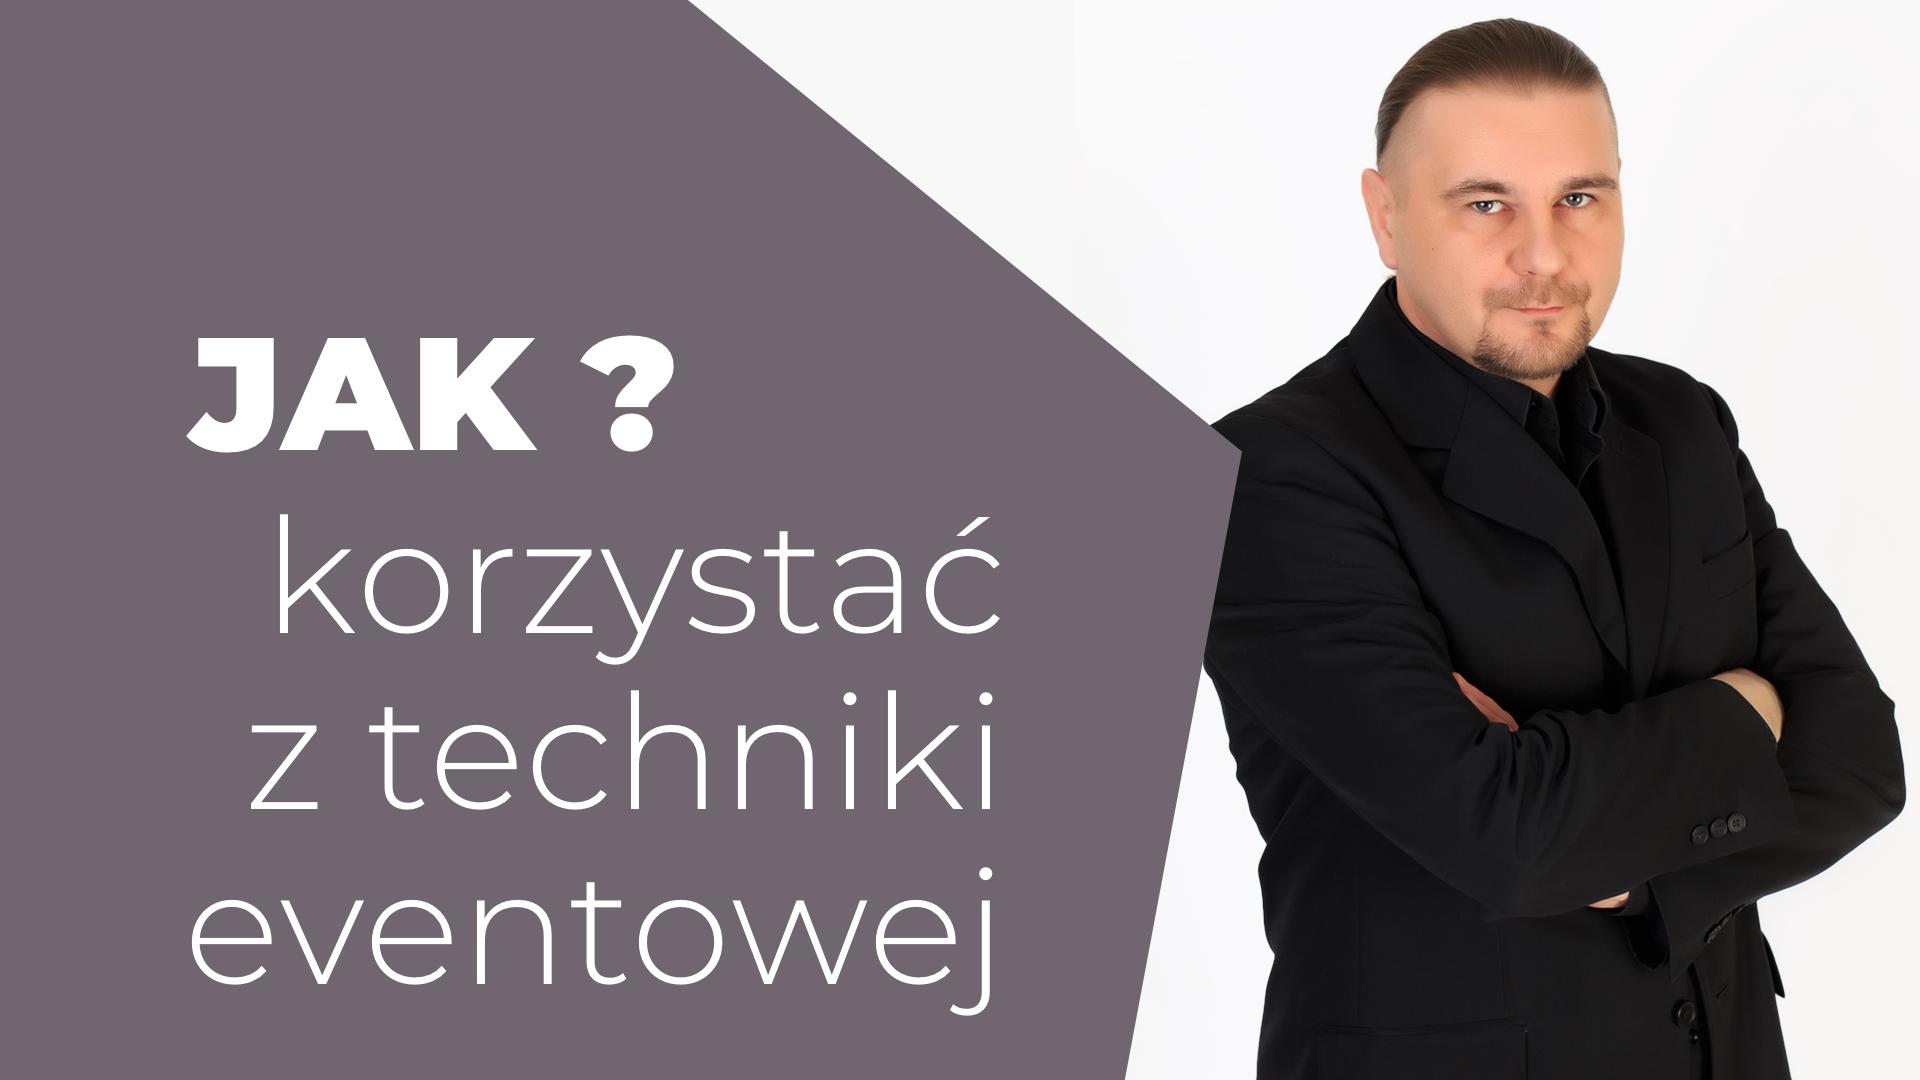 Jak korzystać z techniki eventowej Wojciech Kosiorek